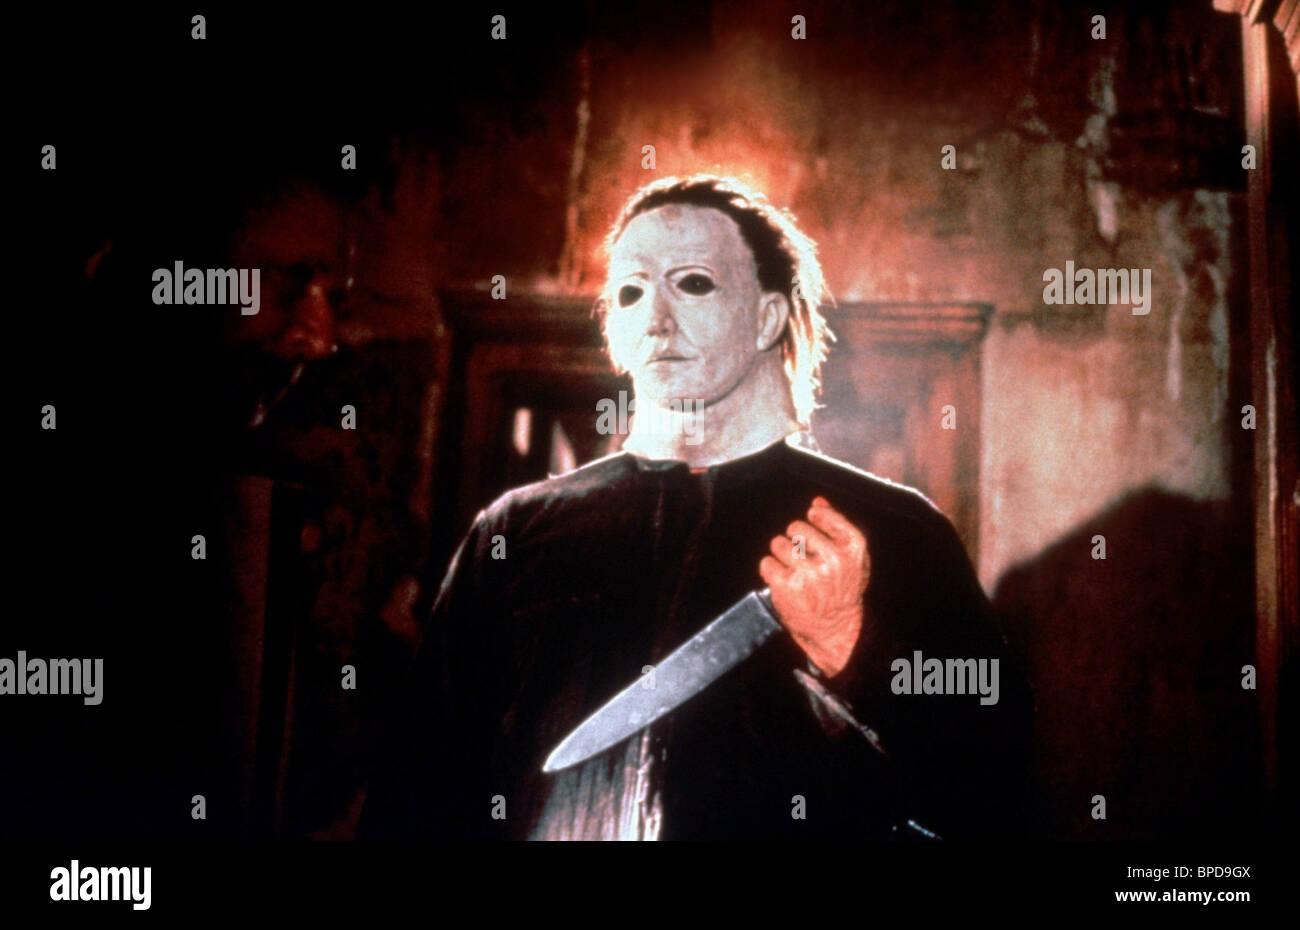 DON SHANKS HALLOWEEN 5: MICHAEL MYERS REVENGE (1989 Stock Photo ...